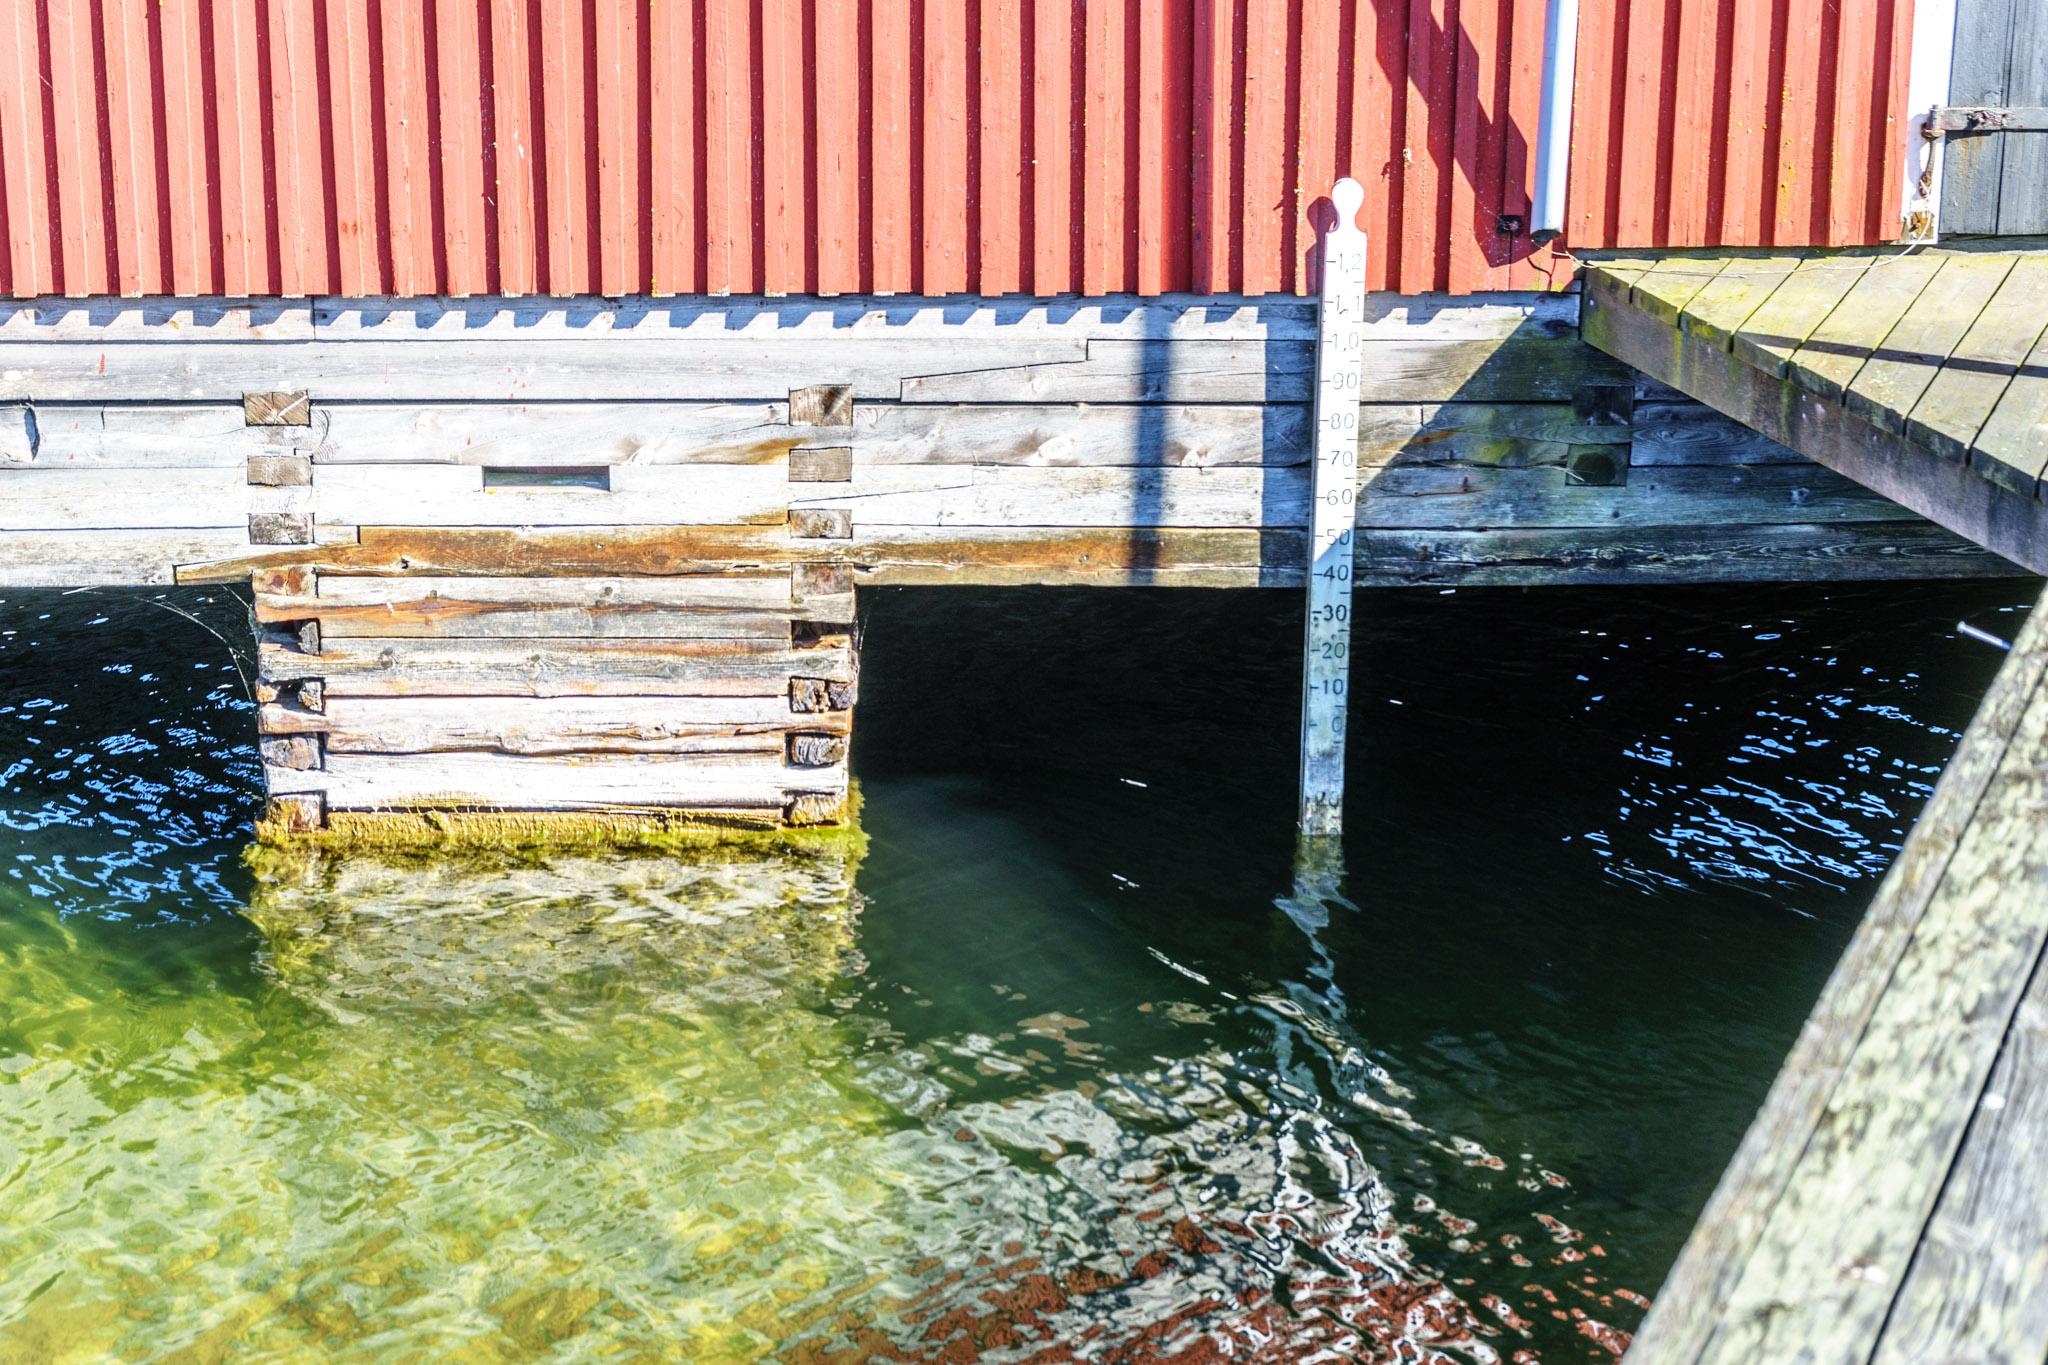 Wasserstandsanzeiger - 30 Zentimeter unter Normal Null - gut zu wissen!!!